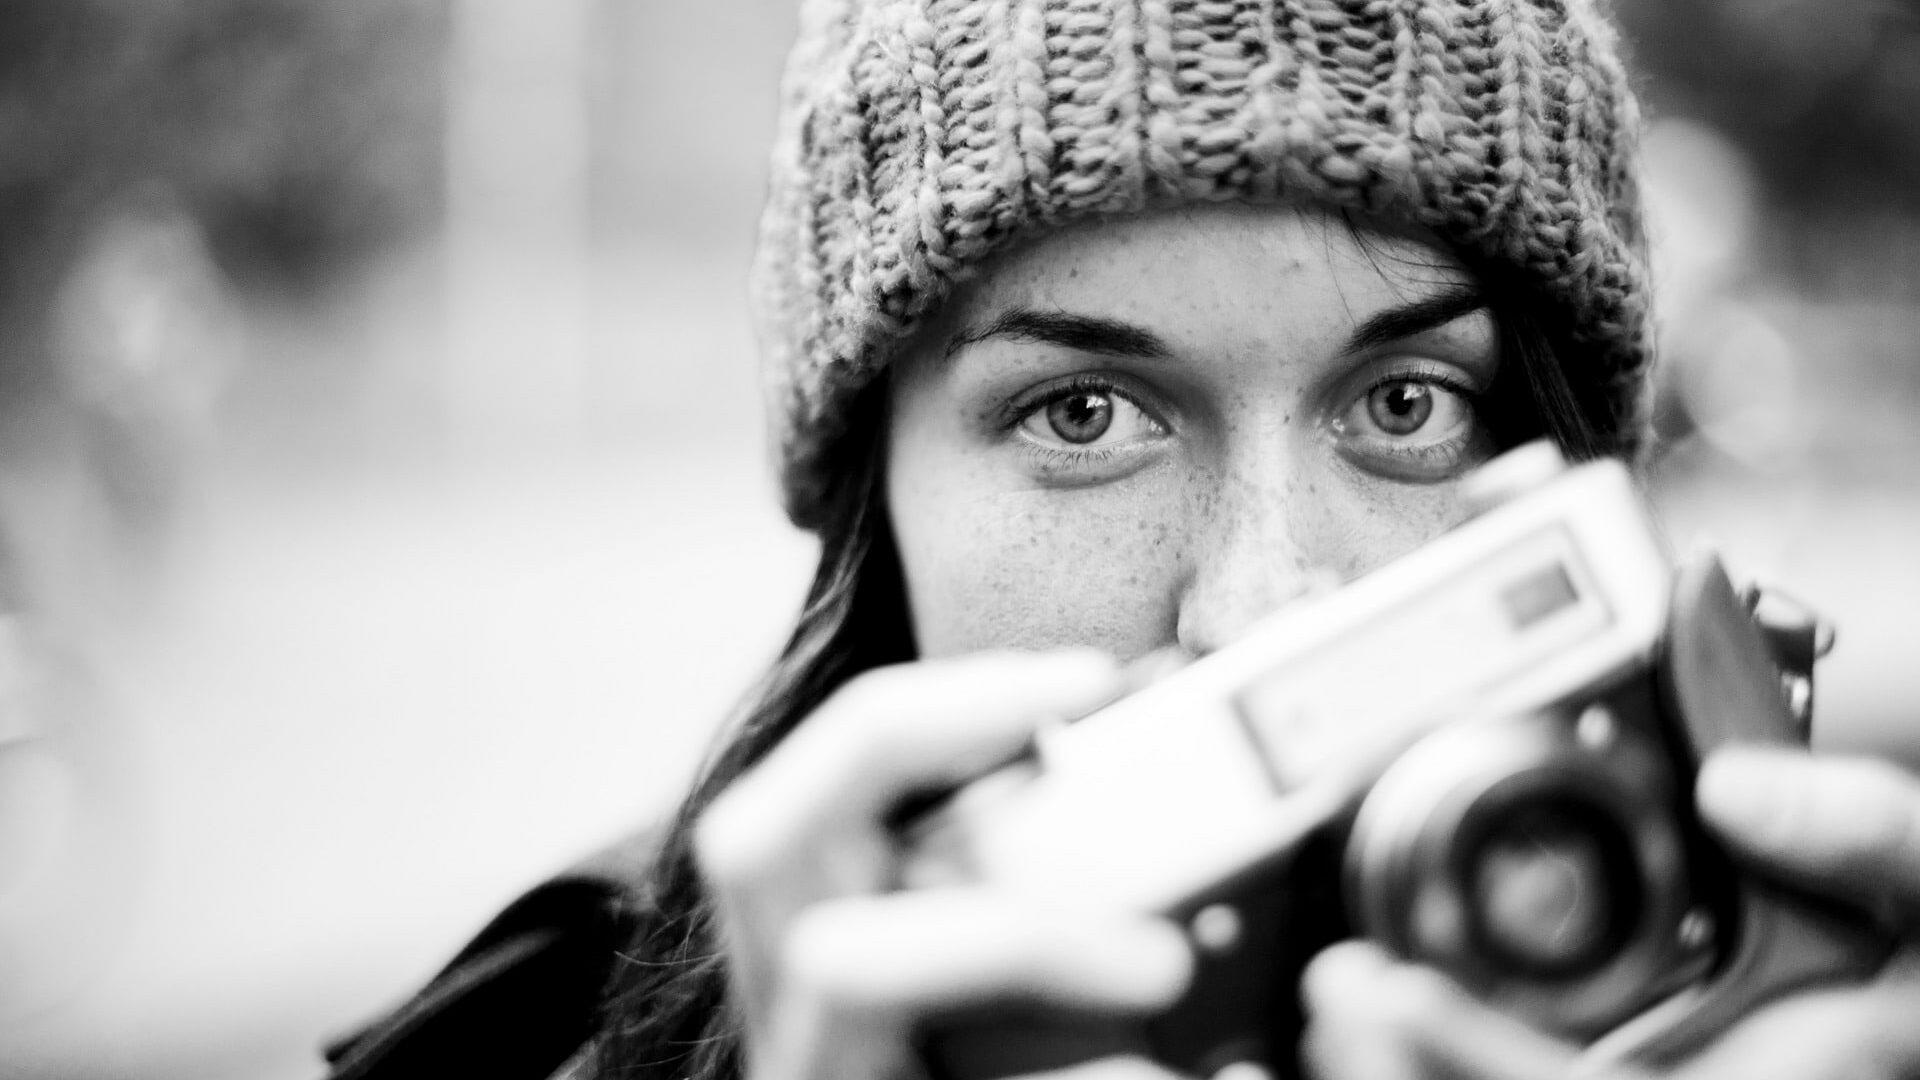 Portait noir & blanc : nos conseils pour le réussir